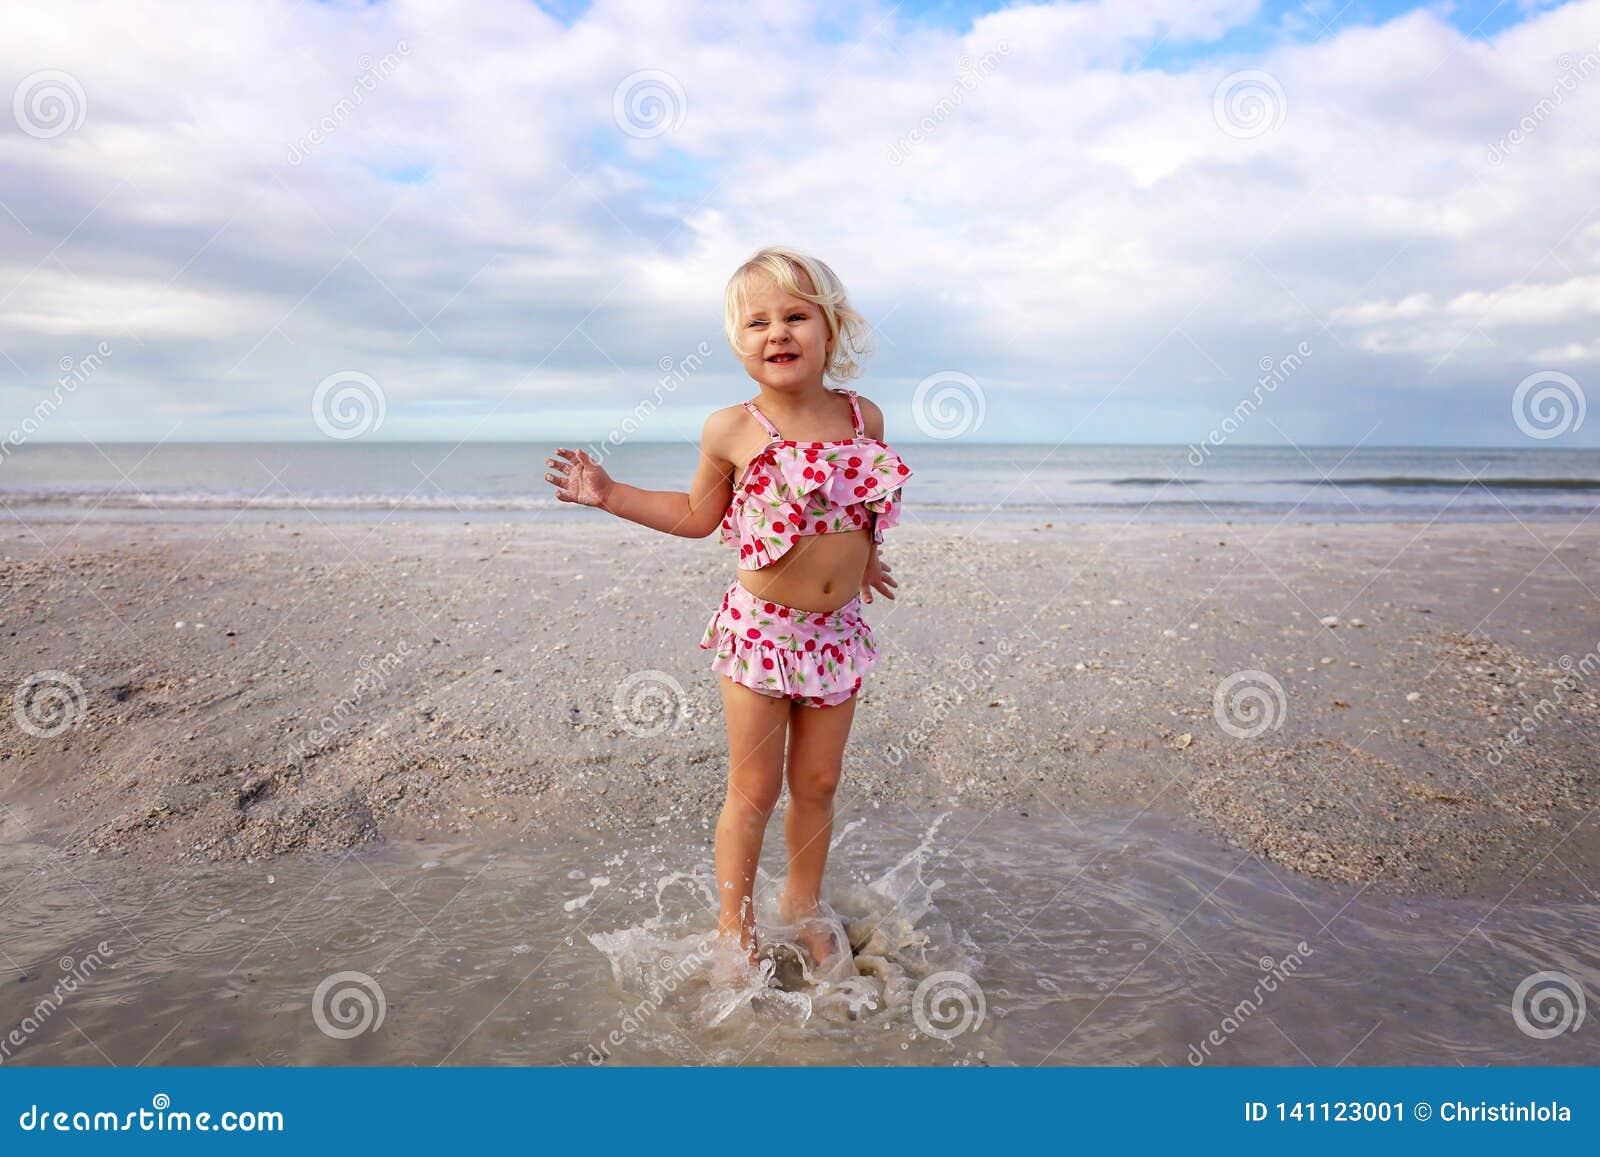 Χαριτωμένος λίγο παιδί που καταβρέχει και που παίζει στο νερό στην παραλία από τον ωκεανό